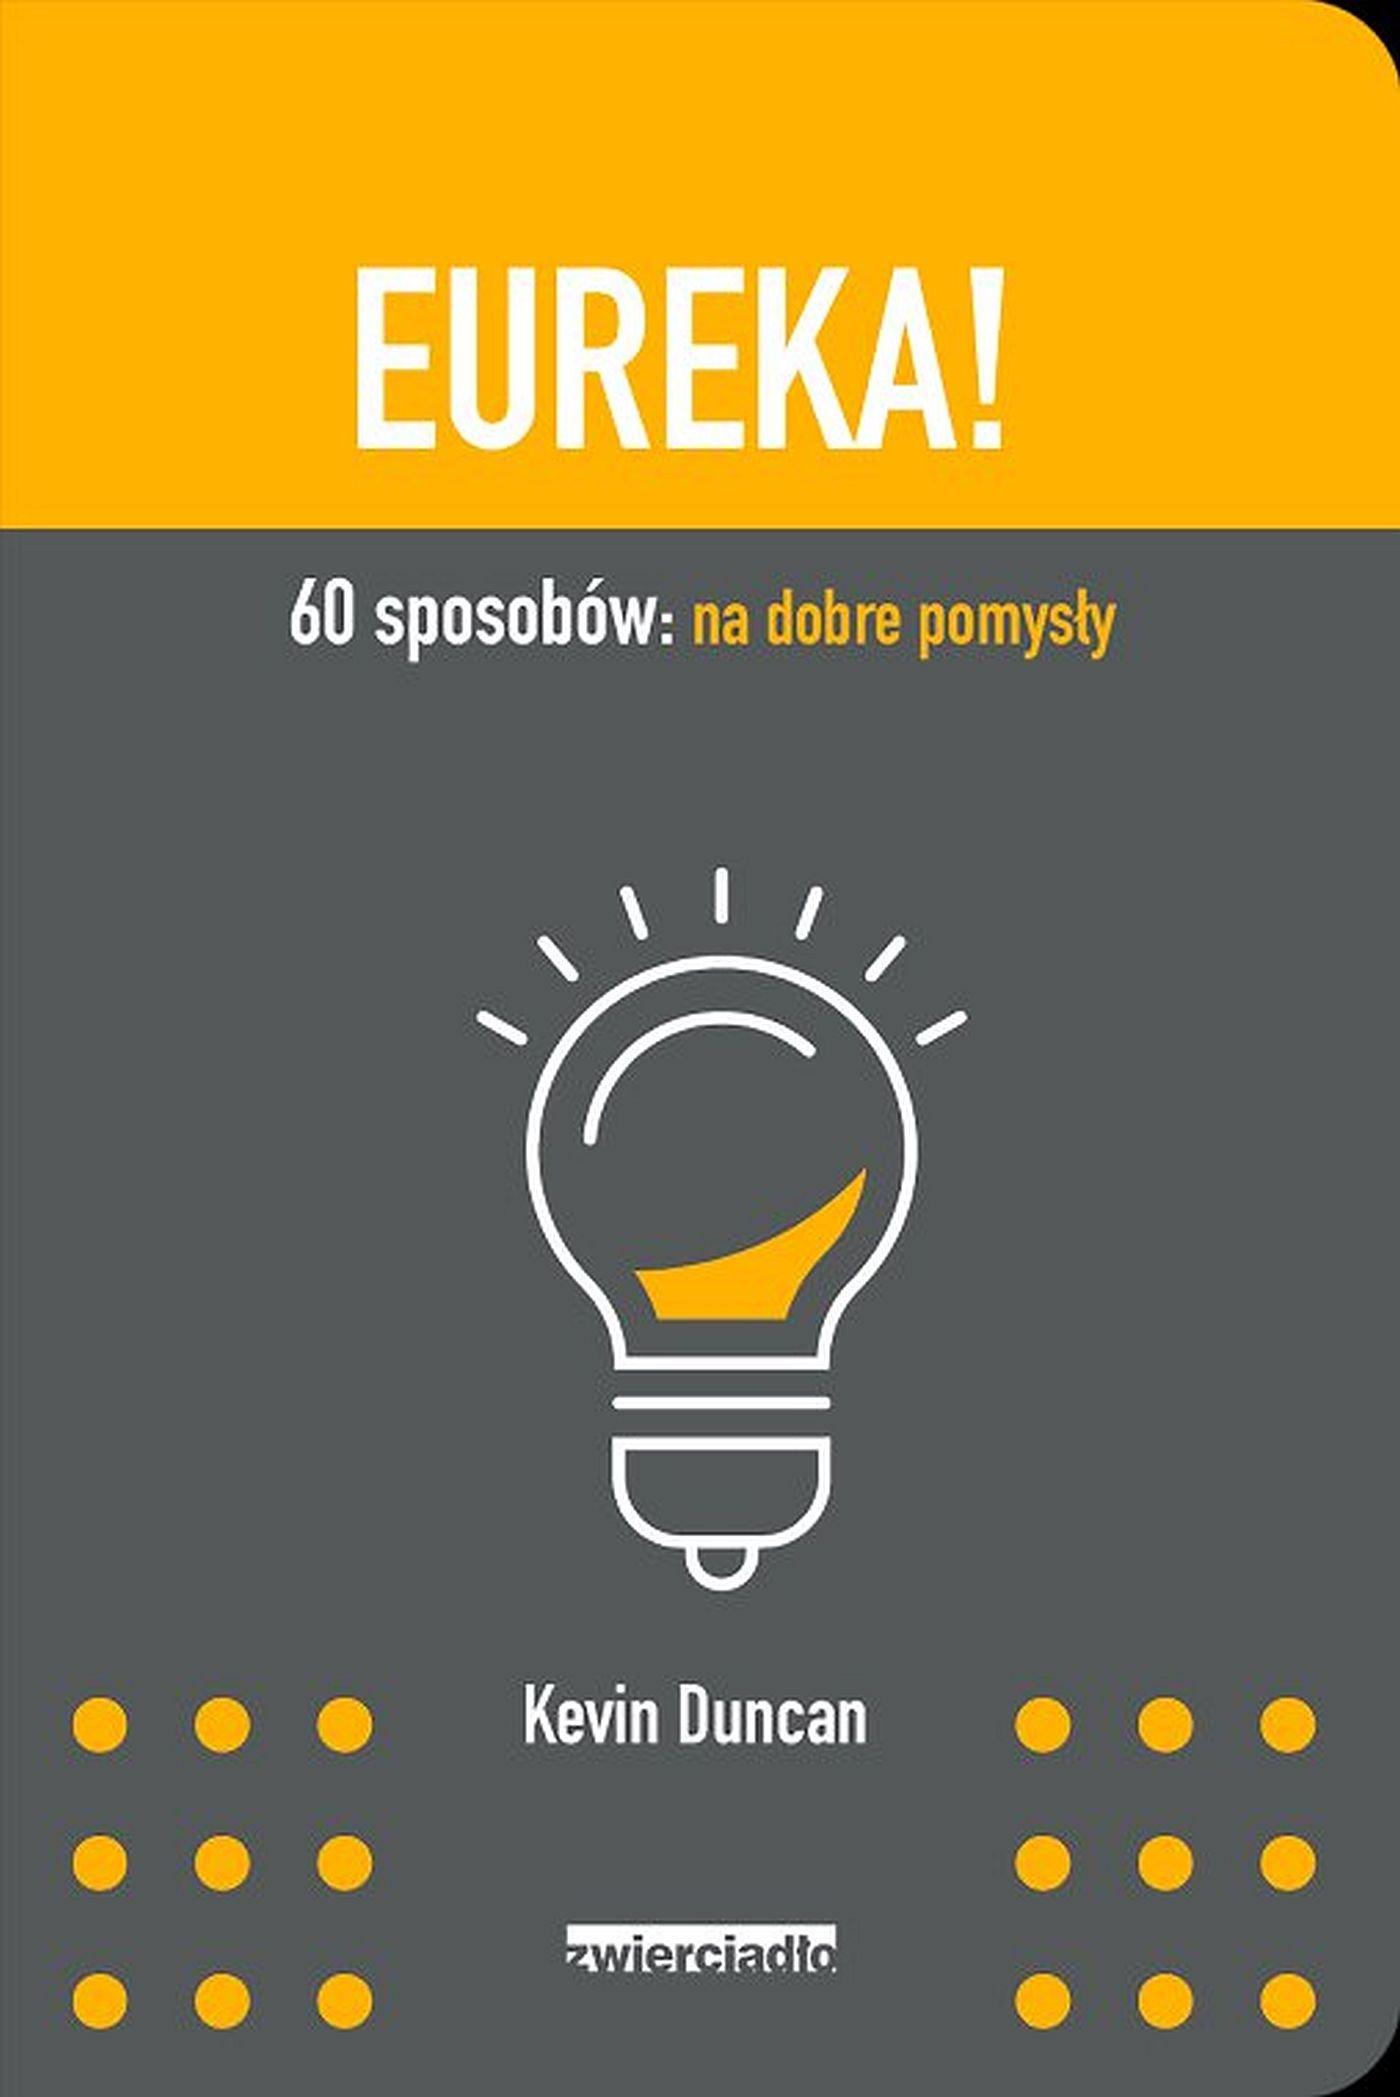 Eureka! 60 sposobów: na dobre pomysły - Ebook (Książka EPUB) do pobrania w formacie EPUB